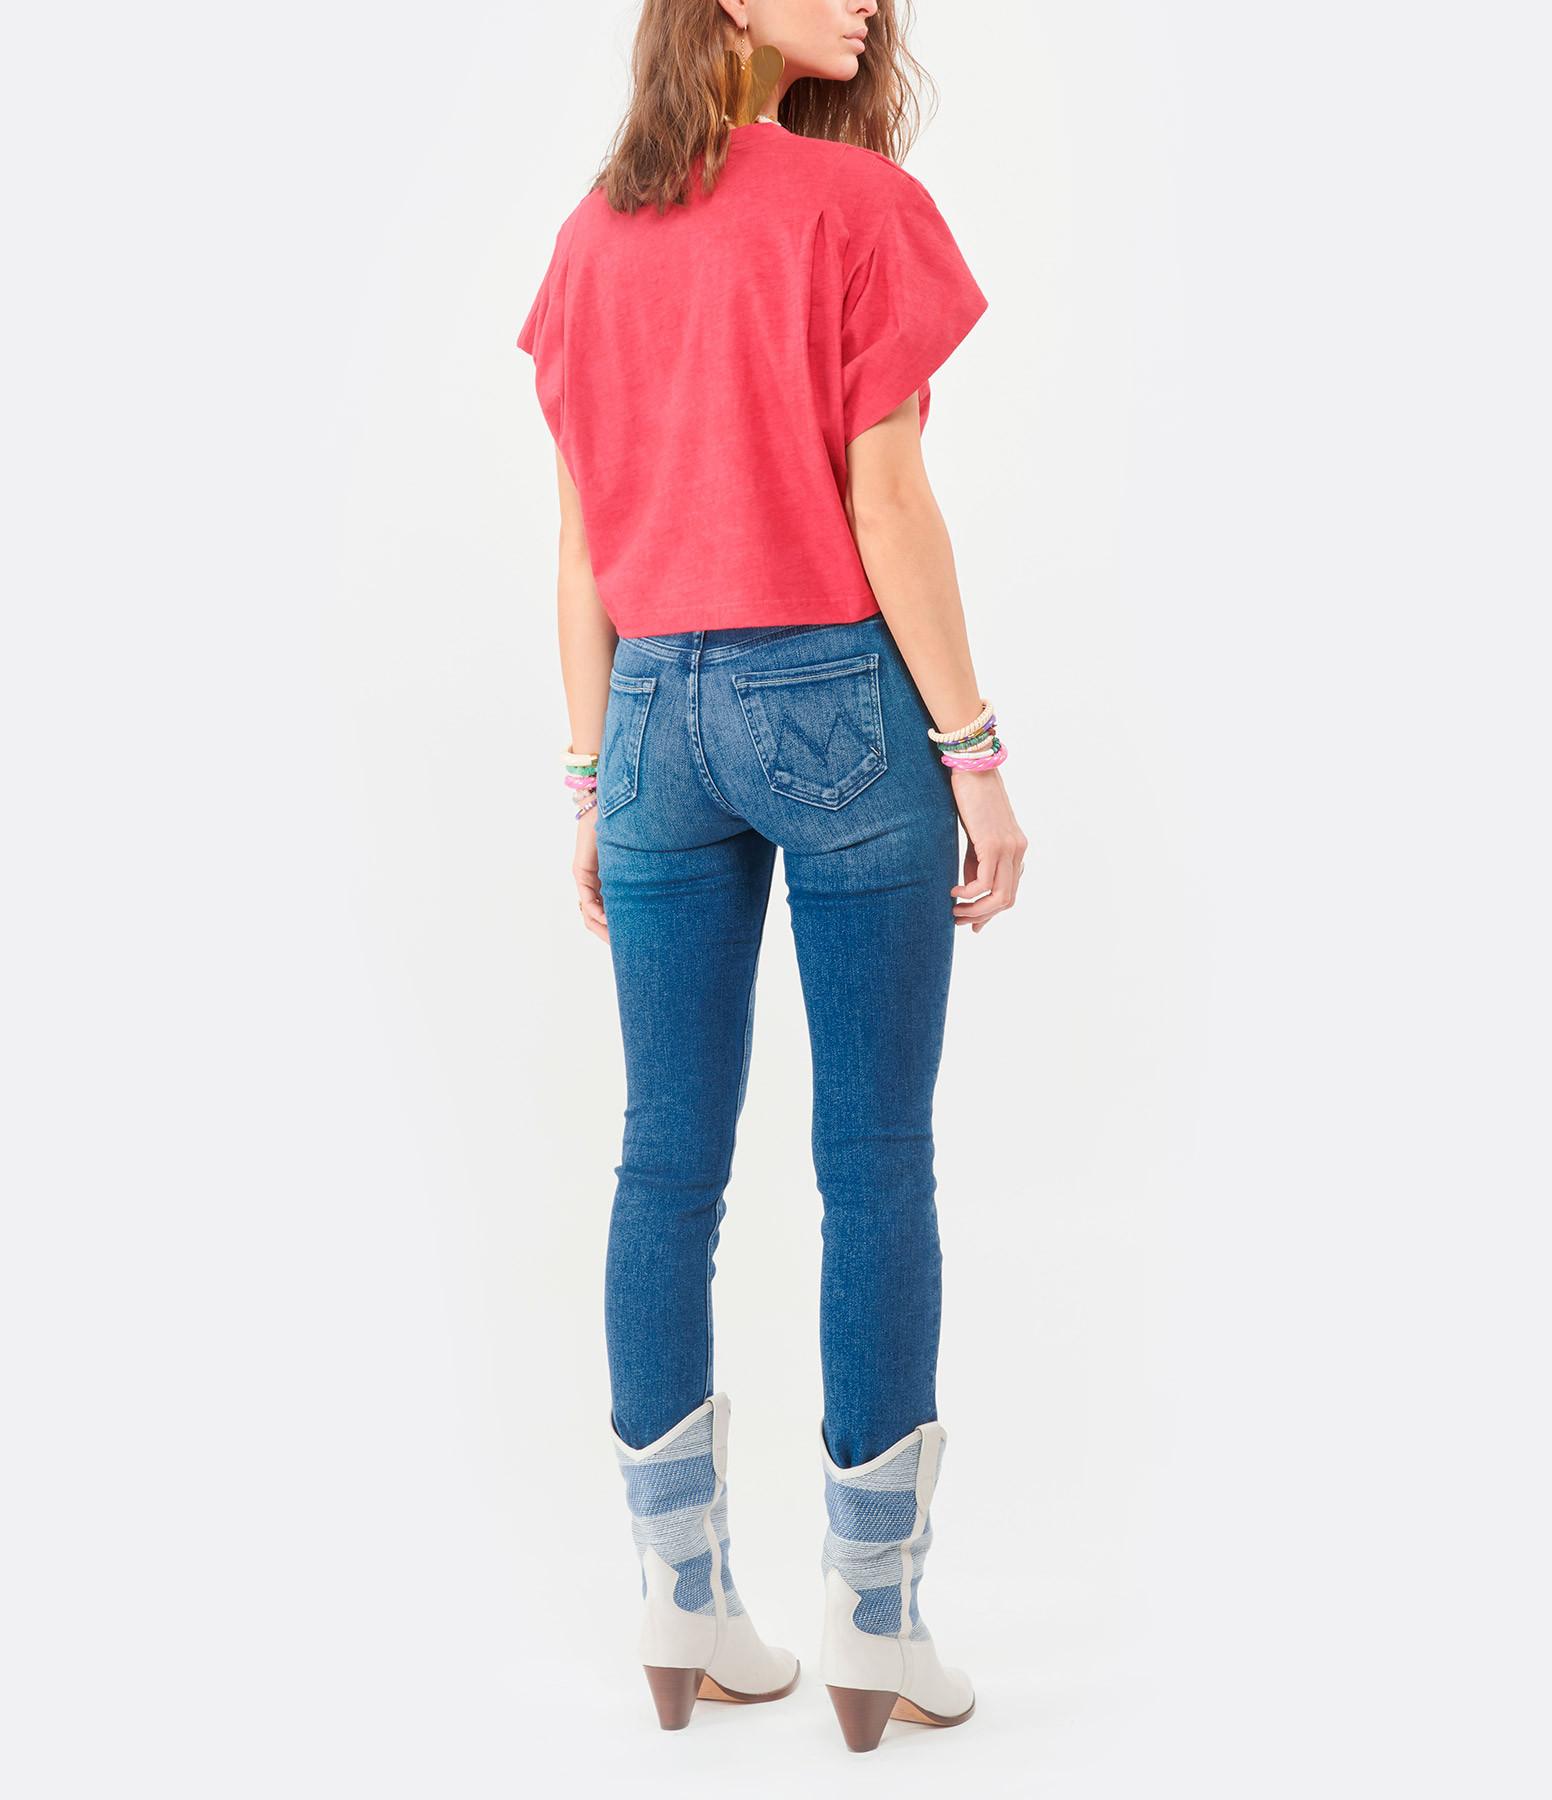 ISABEL MARANT - Tee-shirt Zinalia Coton Framboise